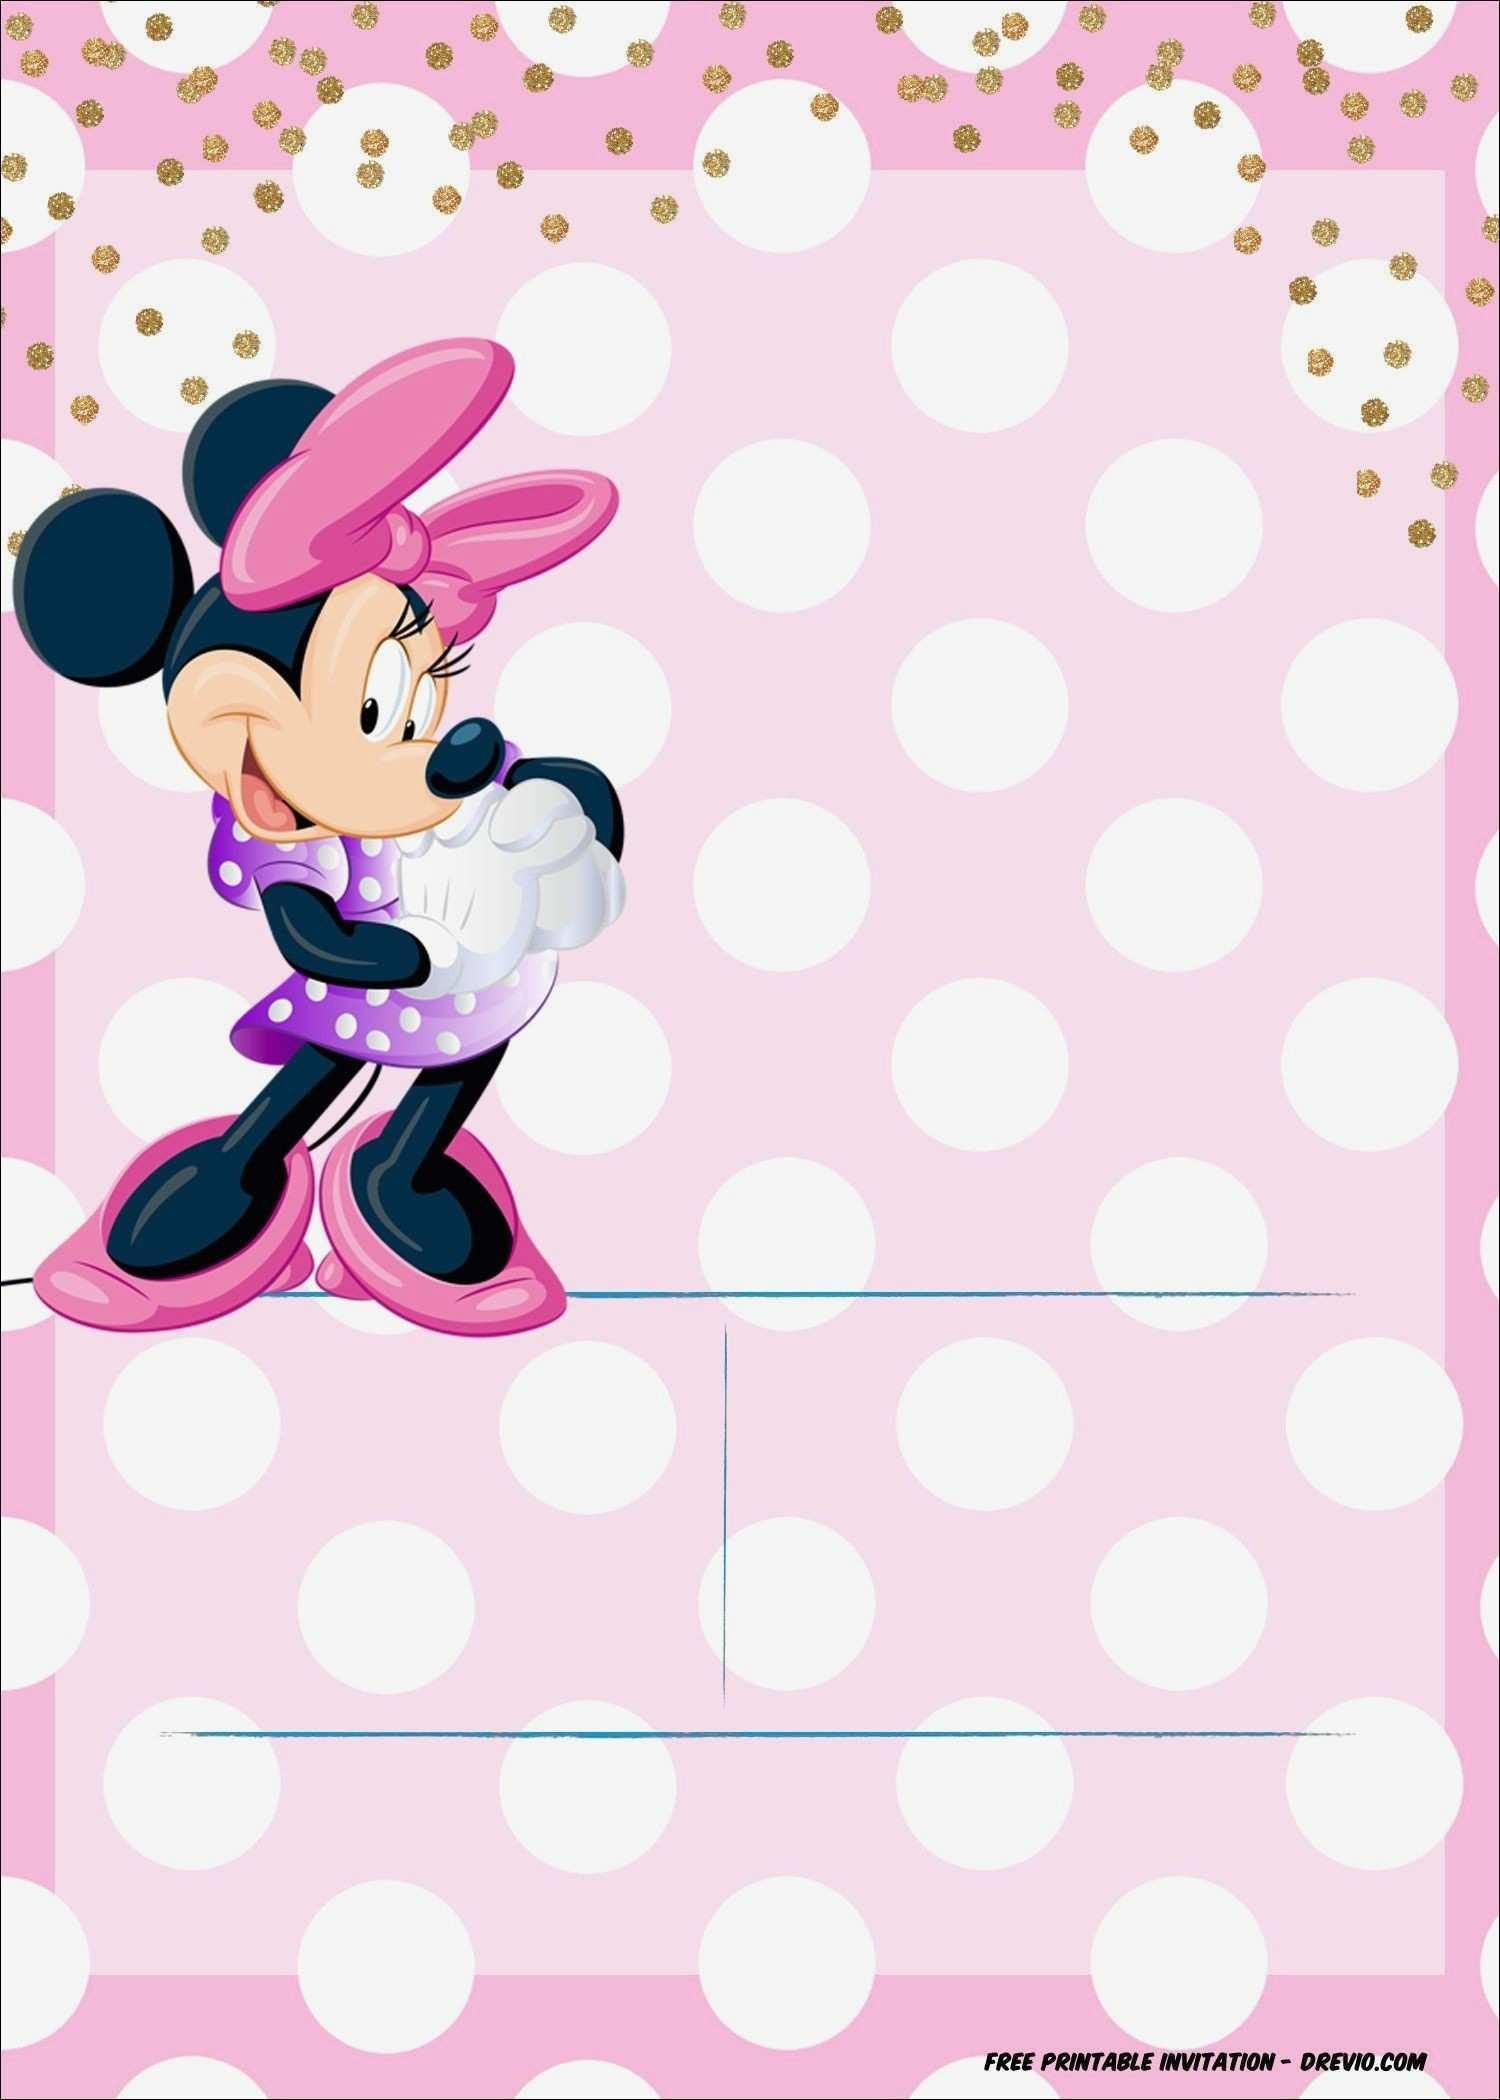 Ausmalbilder Minnie Maus Genial Malvorlagen Minnie Mouse Vorstellung 35 Minnie Maus Malvorlagen Bild